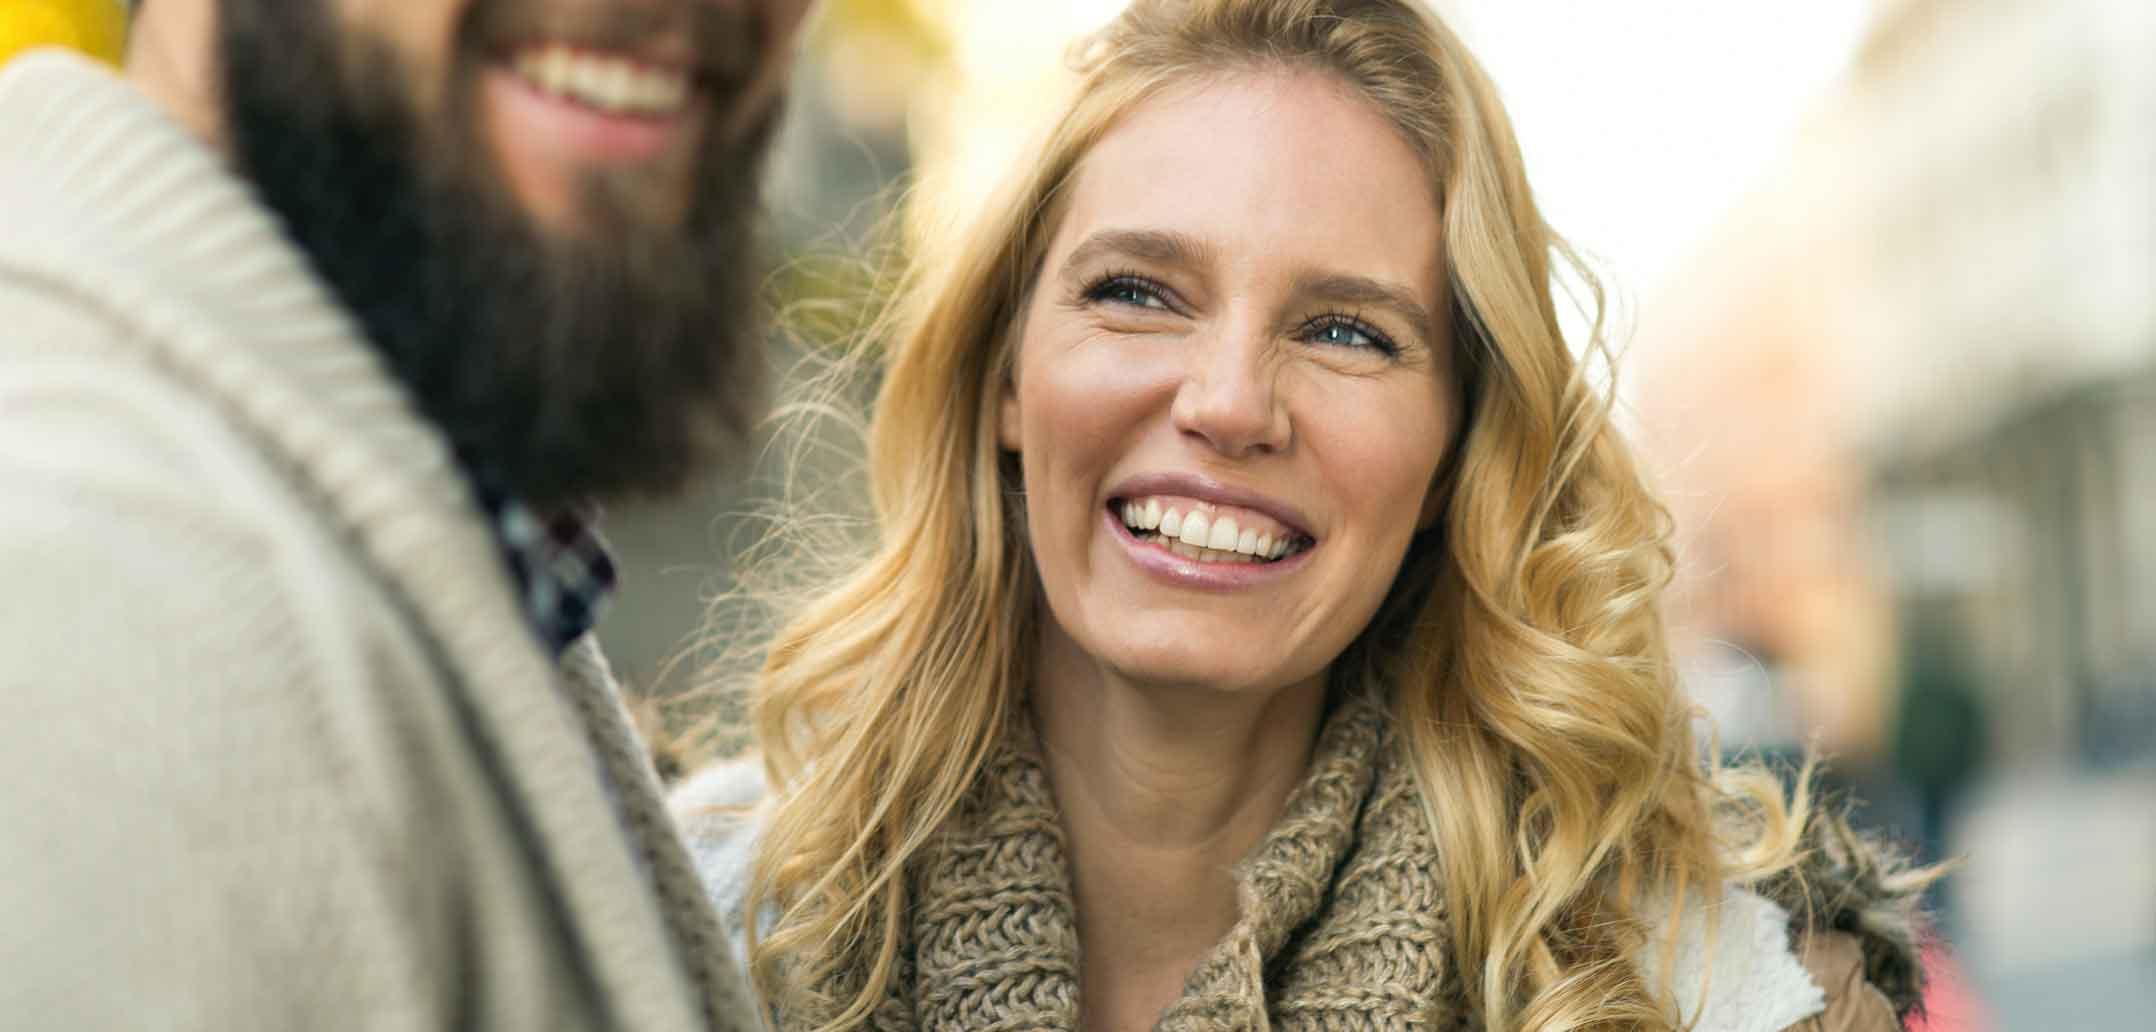 Wer in einer starken Beziehung lebt, hat Grund zum Lächeln